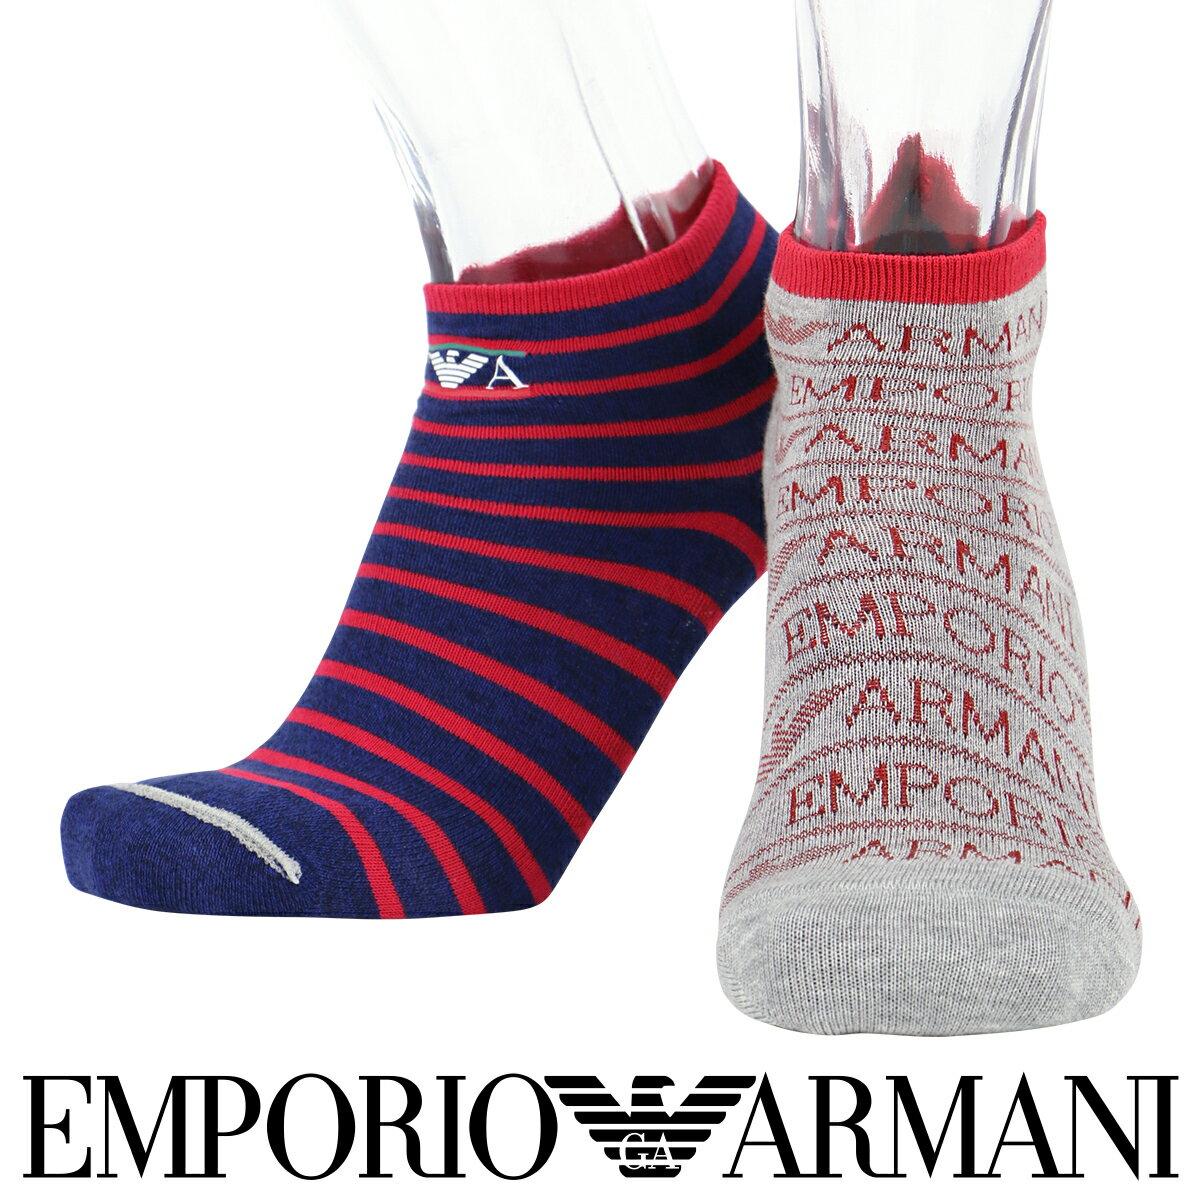 EMPORIO ARMANI ( エンポリオ アルマーニ )メンズ ソックス 靴下フットカバー カバーソックスリバーシブル ショートソックス男性 メンズ プレゼント 贈答 ギフト2322-256スリッポン デッキシューズポイント10倍